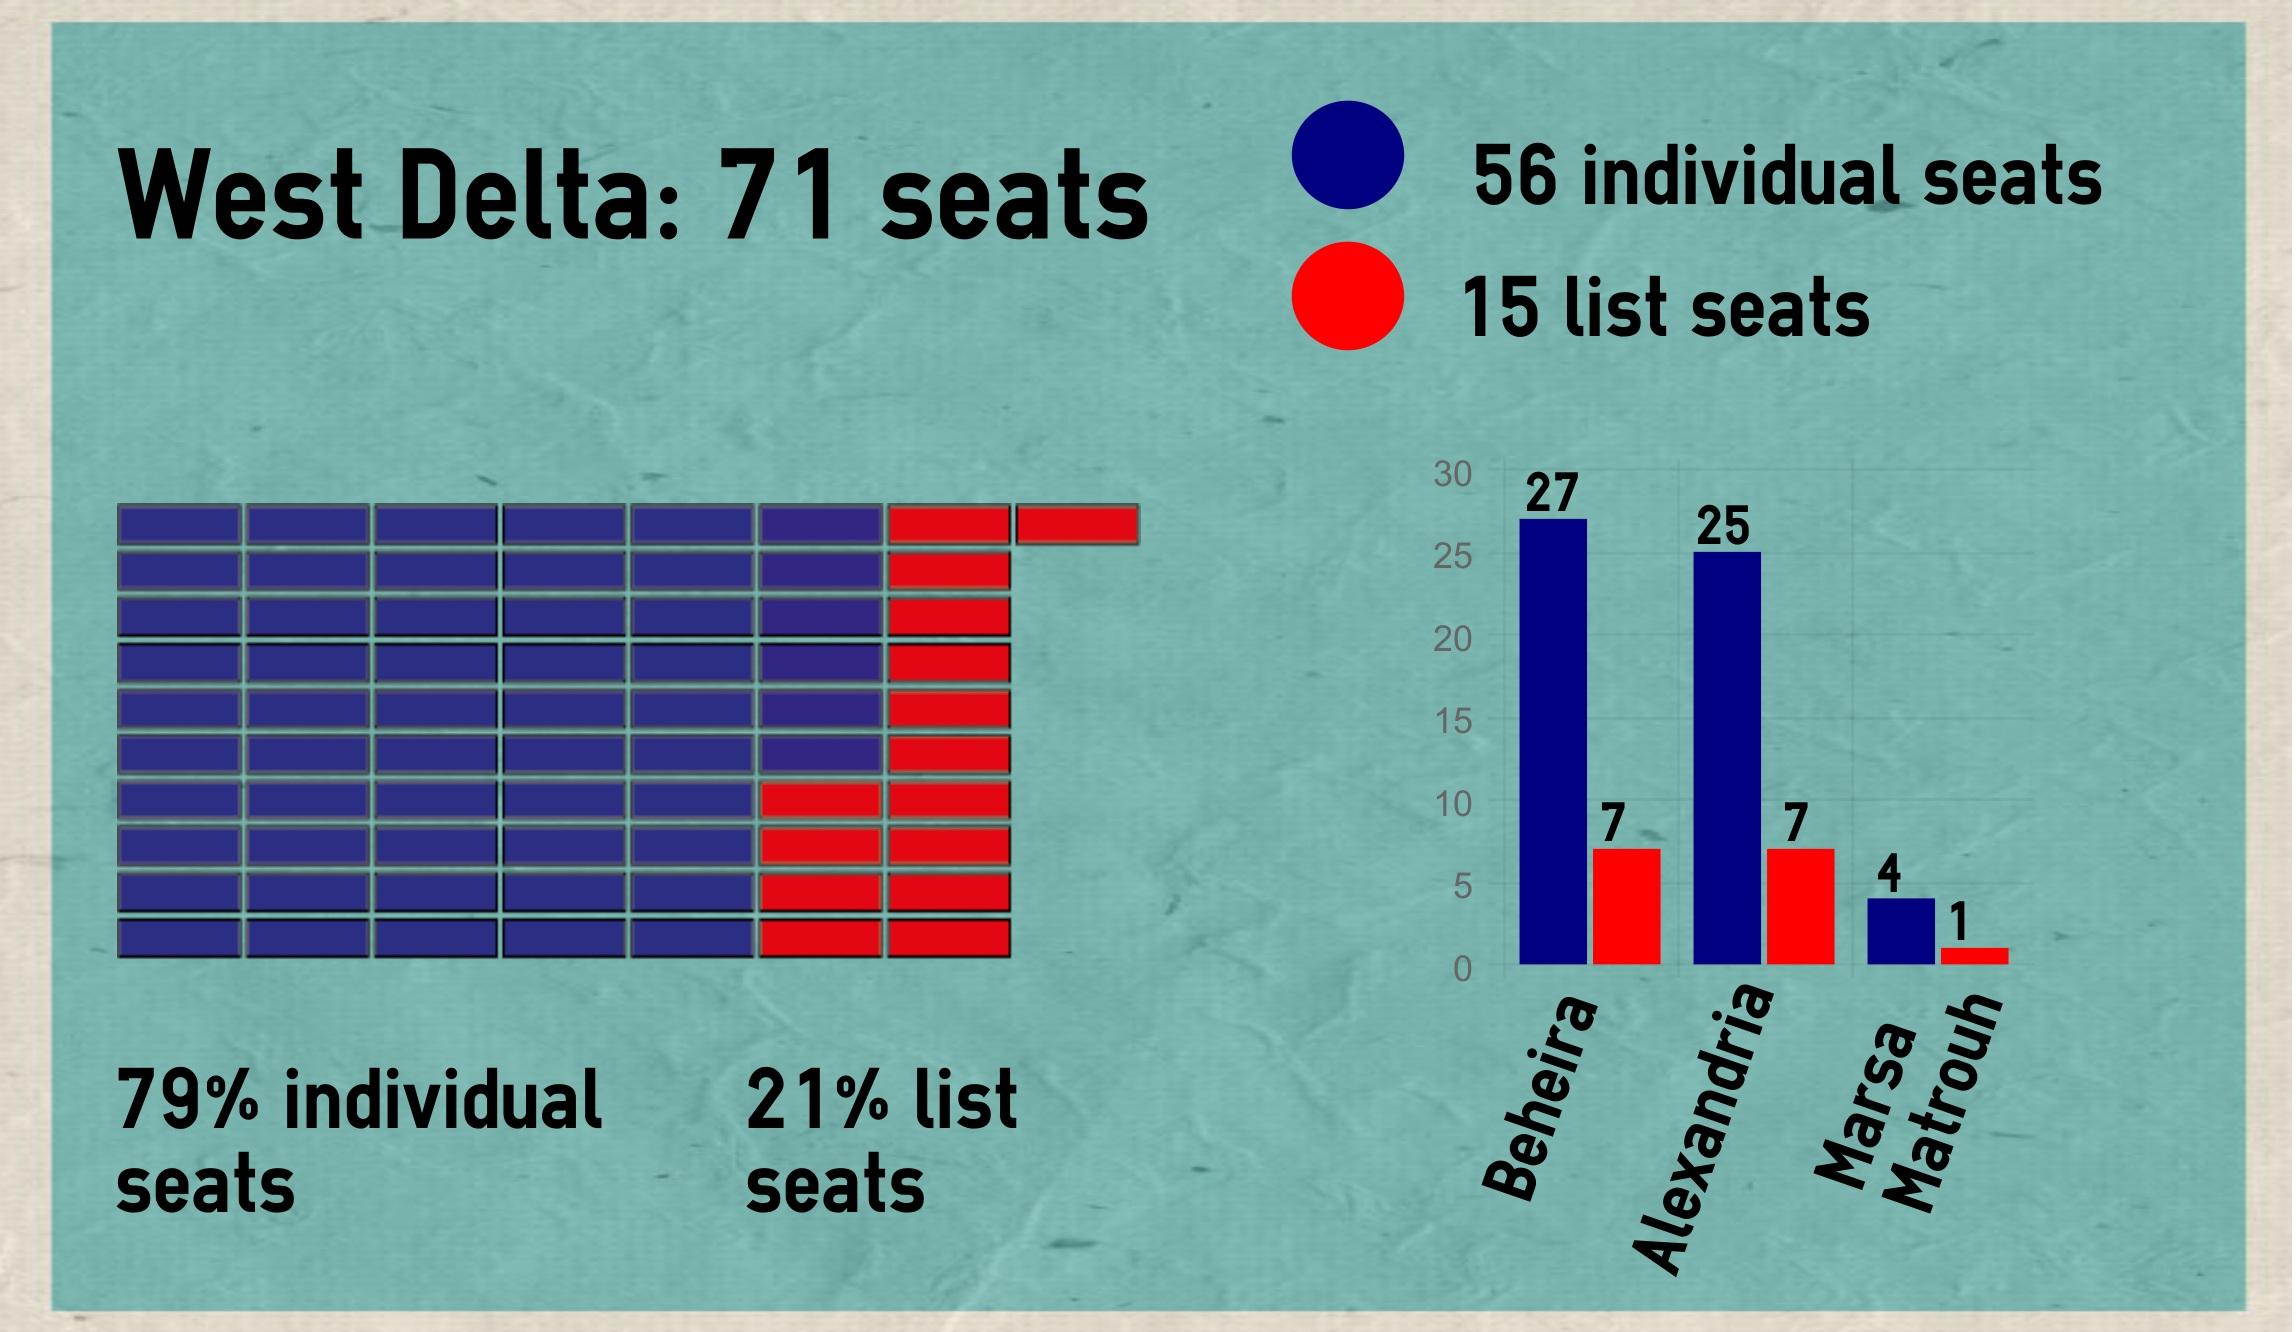 West Delta parliament seats 2015